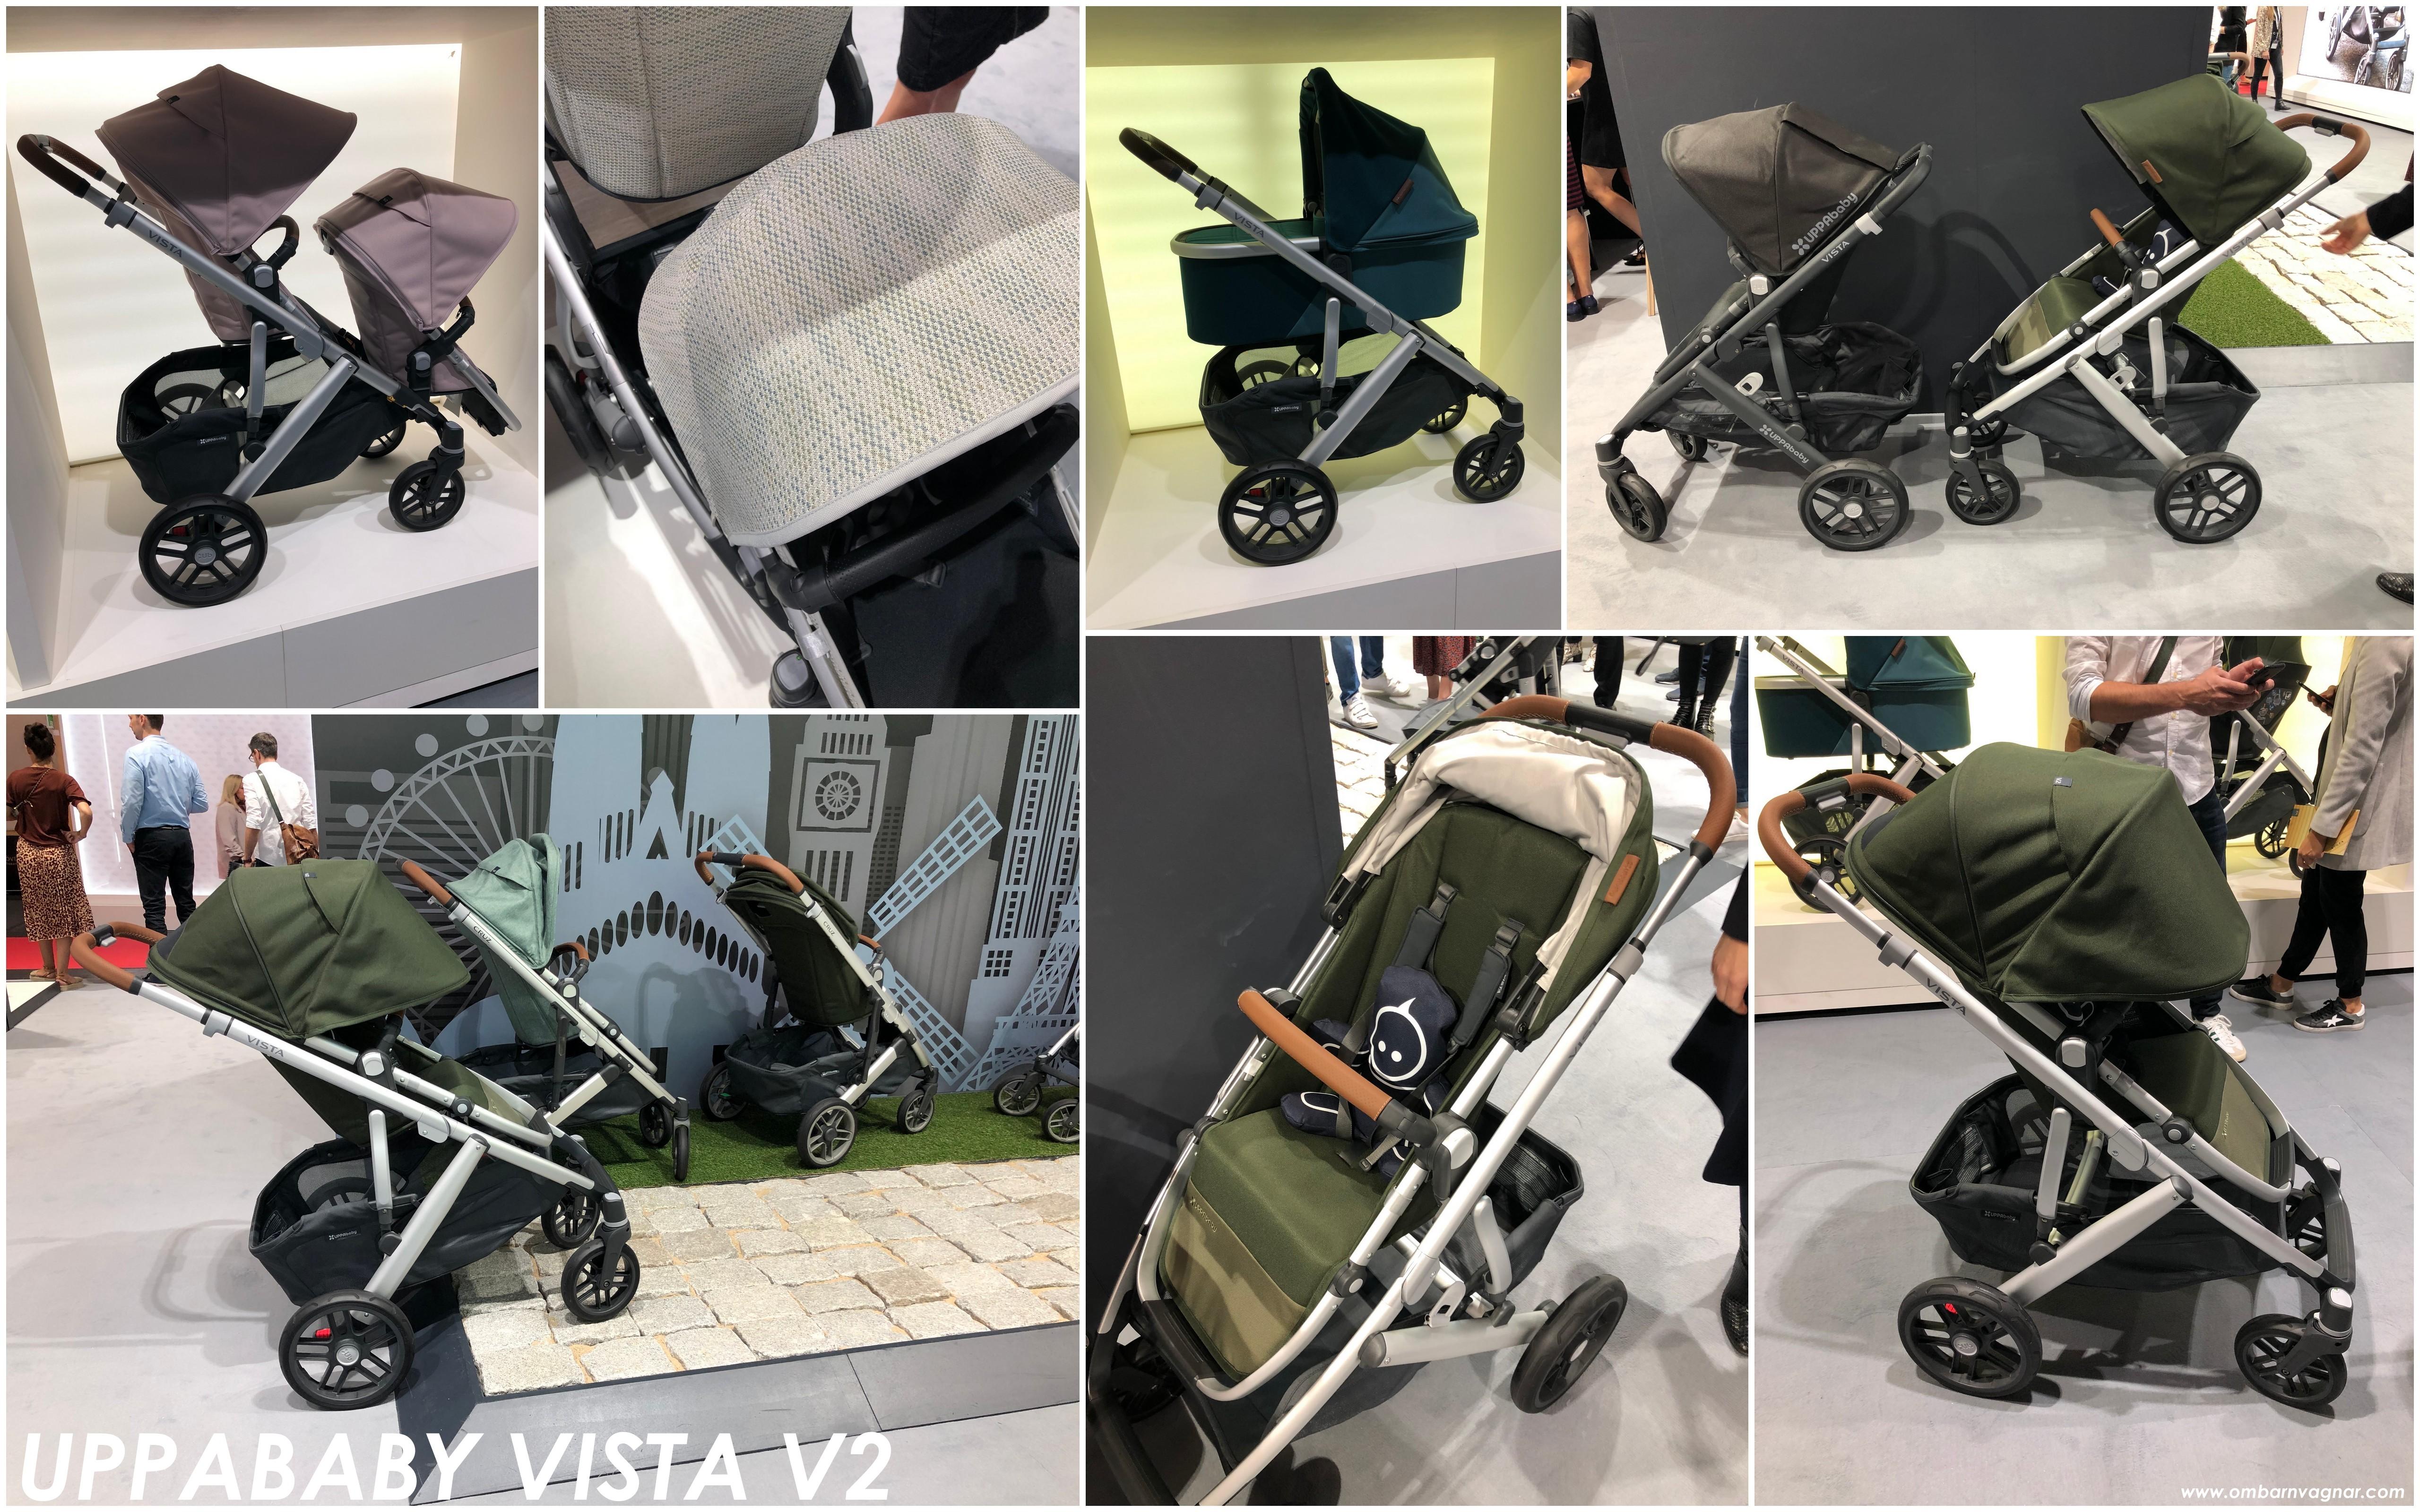 UPPAbaby Vista V2